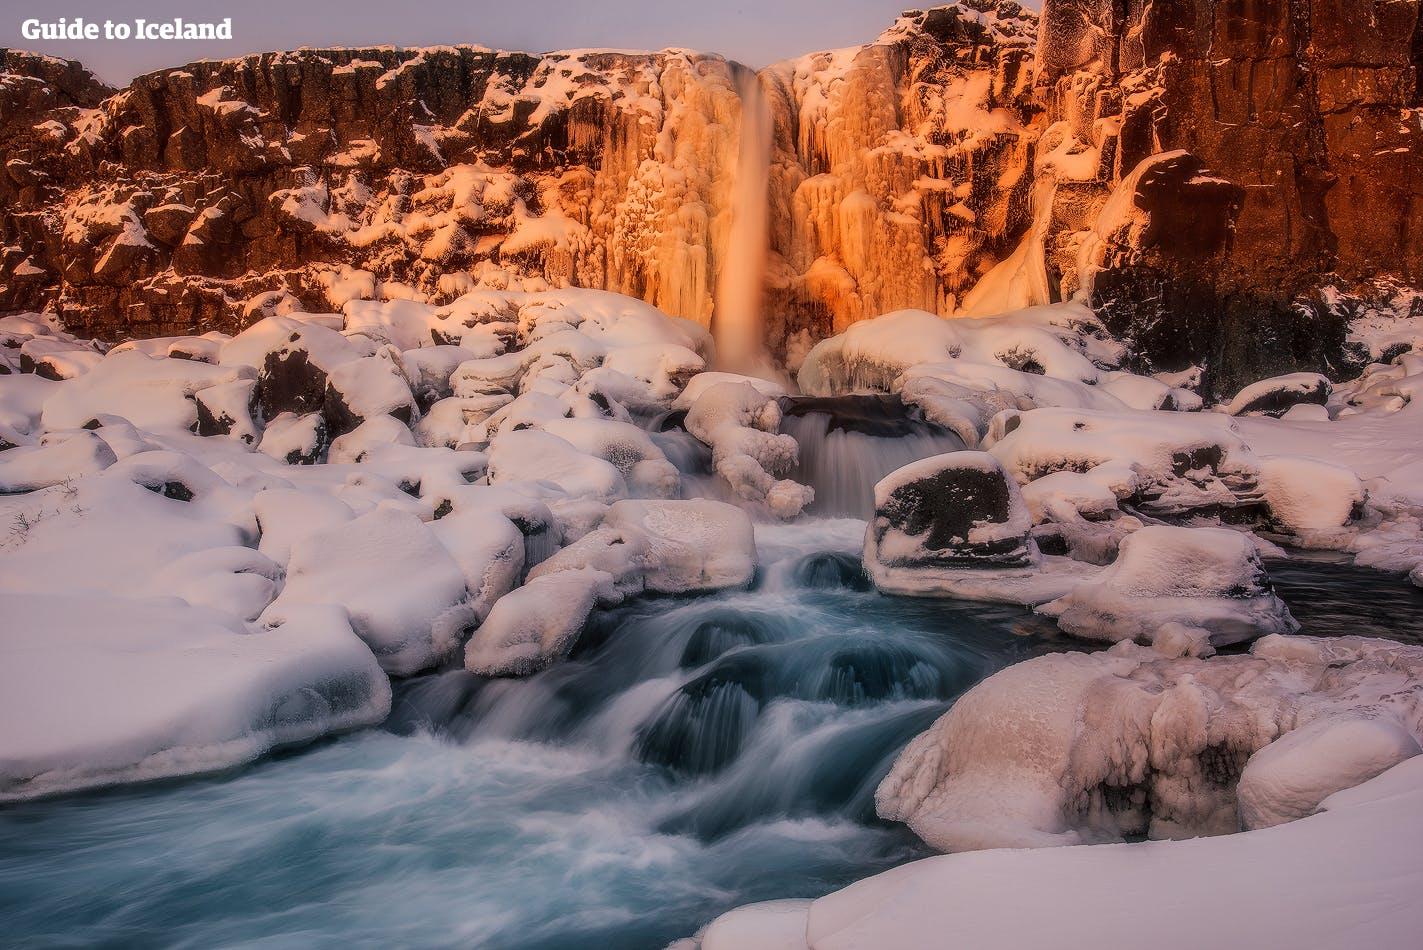 La Cascada Öxárfoss, ubicada en el Parque Nacional Þingvellir en la ruta del Círculo Dorado